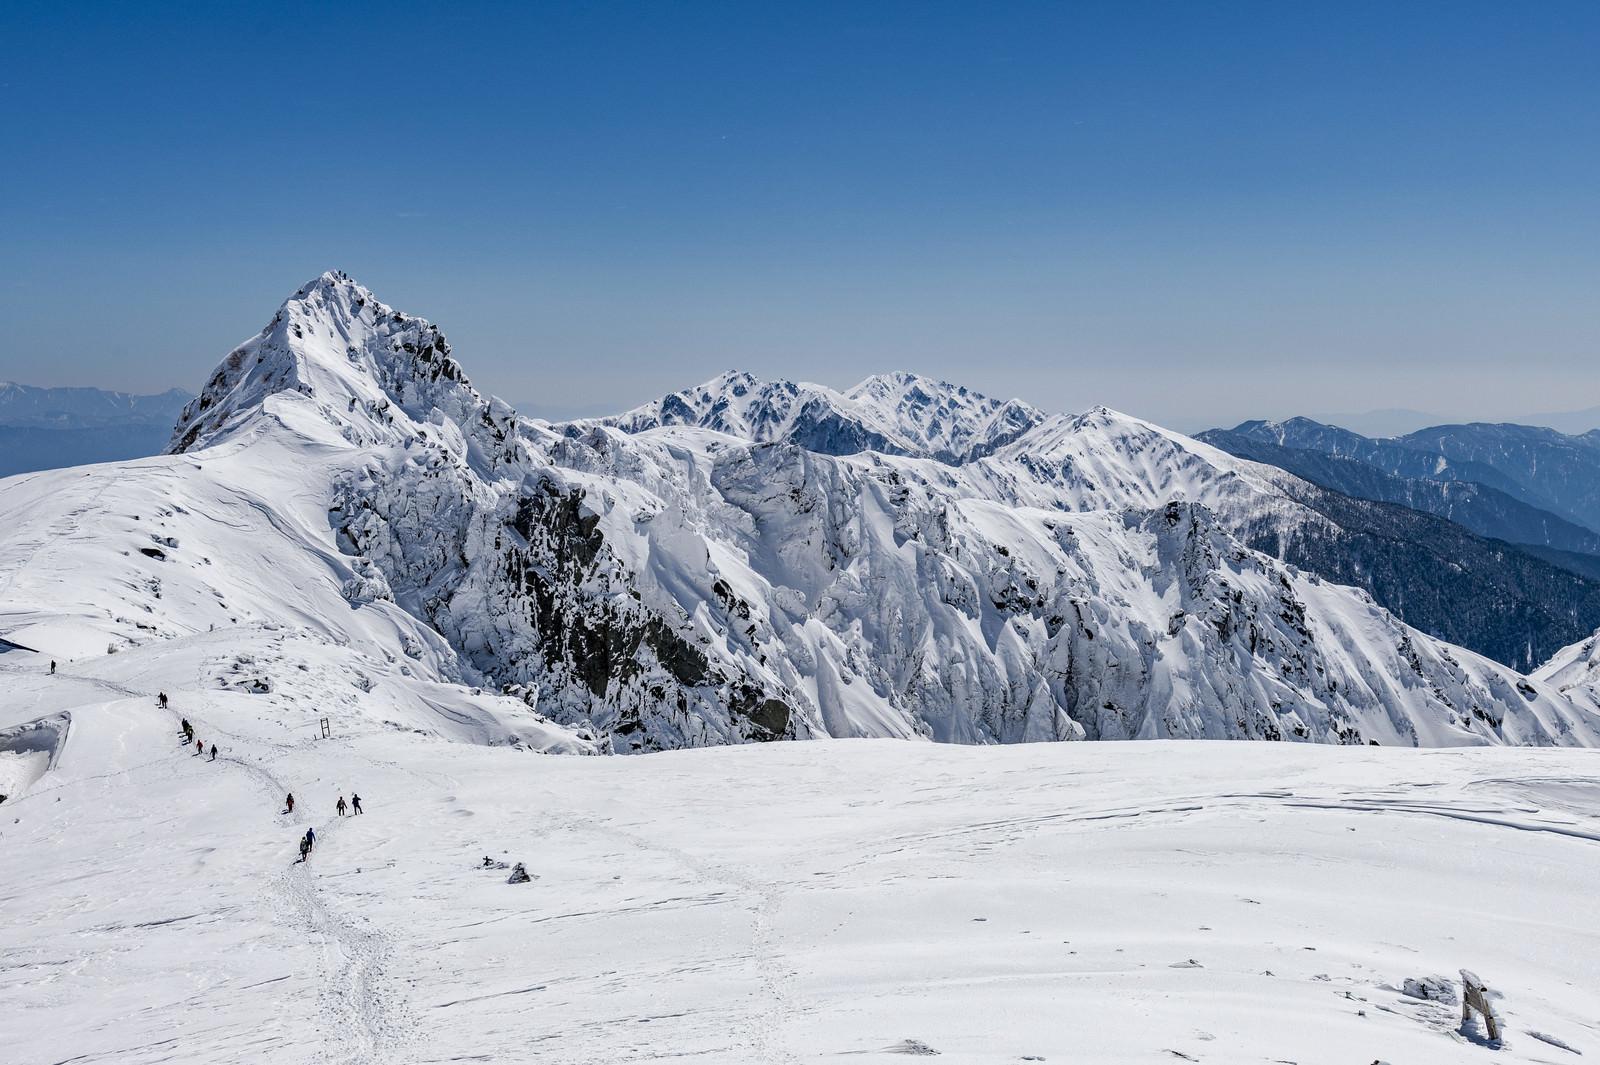 「登山者で賑わう冬の木曽駒ヶ岳」の写真